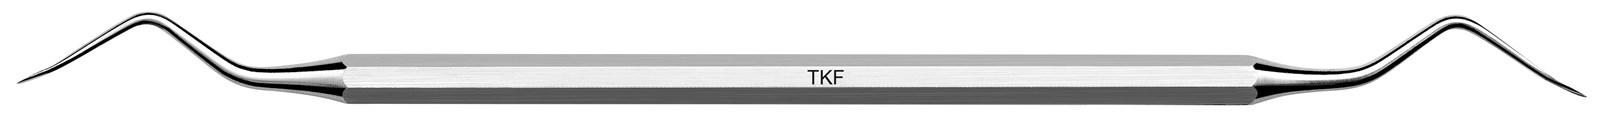 Nůž pro tunelovou techniku - TKF, ADEP tmavě zelený